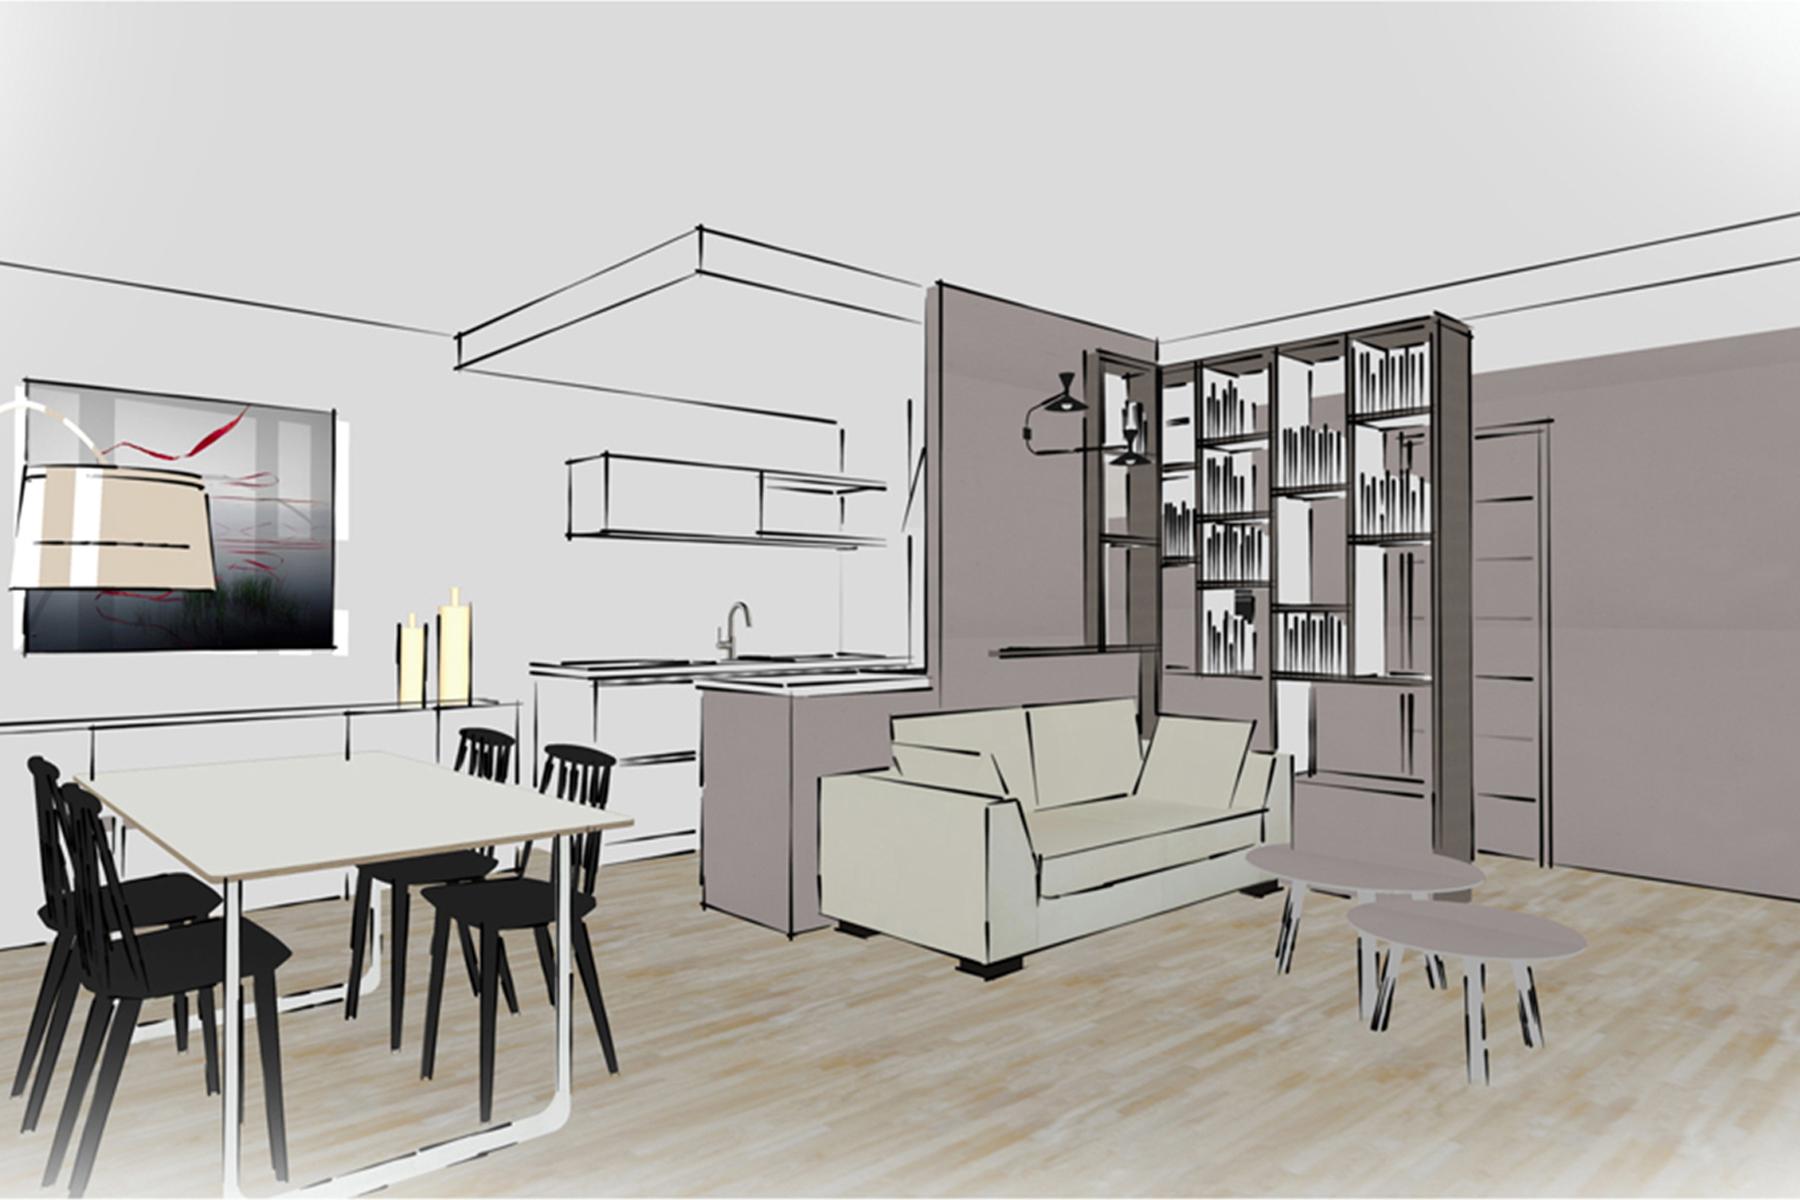 Architecte Interieur La Rochelle dreamcontemporain | studio d'architecture intérieure la